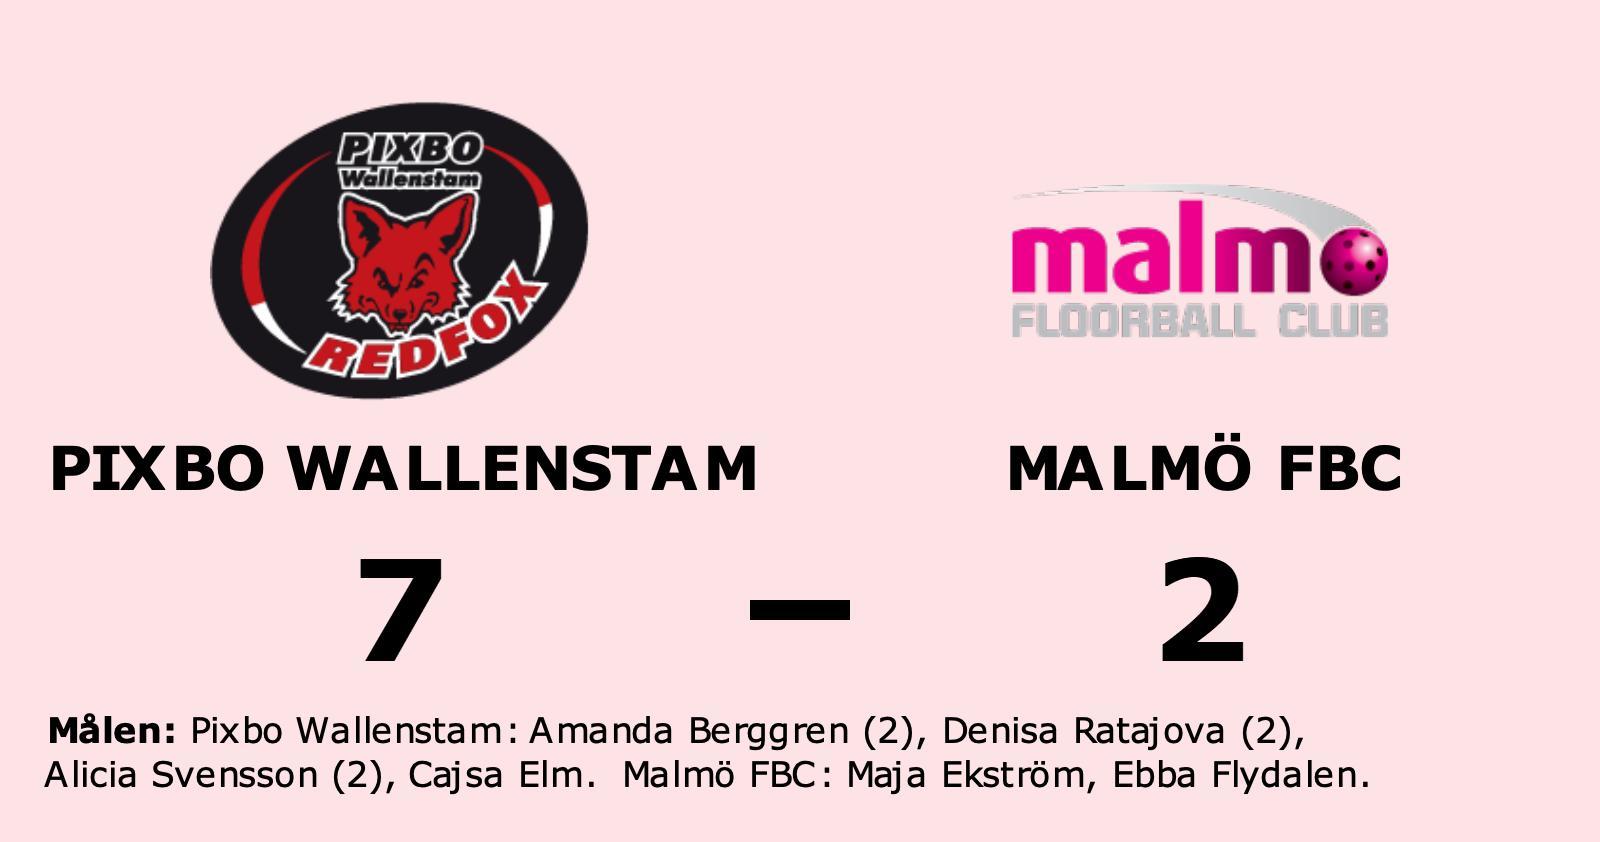 Malmö FBC förlorade mot Pixbo Wallenstam – släppte in fem mål i tredje perioden